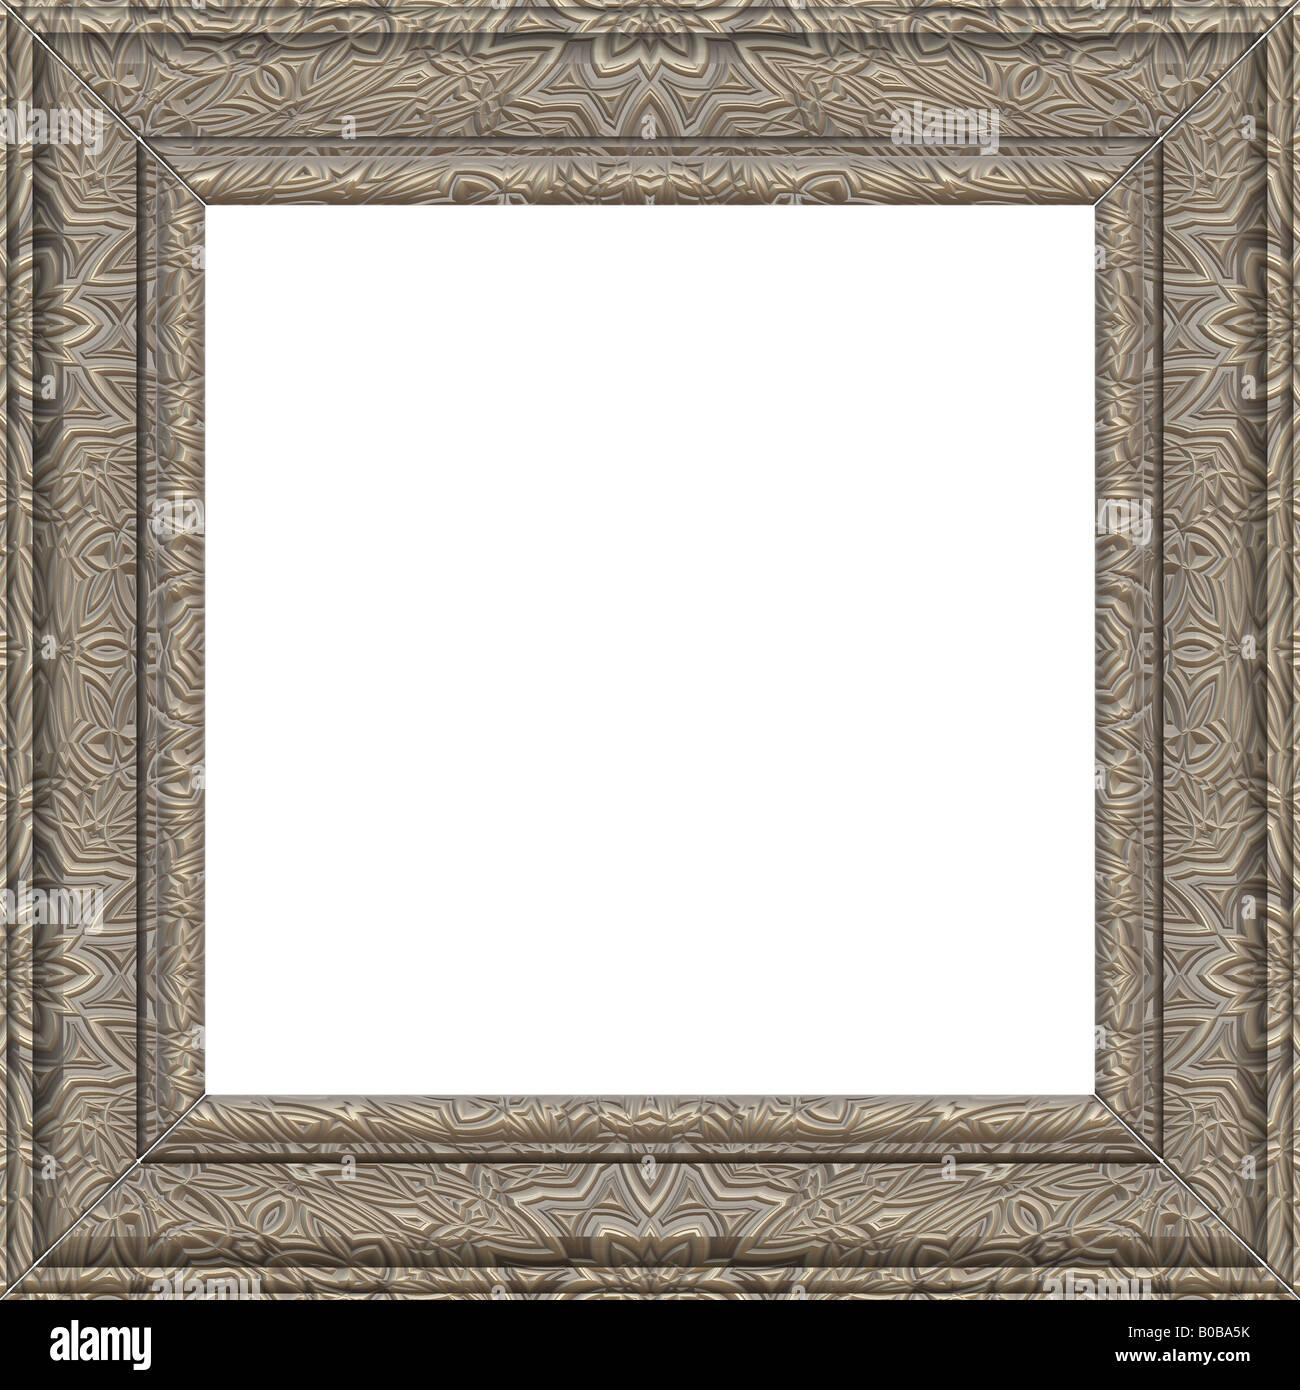 schöne Auszeichnung Zertifikat Foto oder Bild-frame Stockfoto, Bild ...